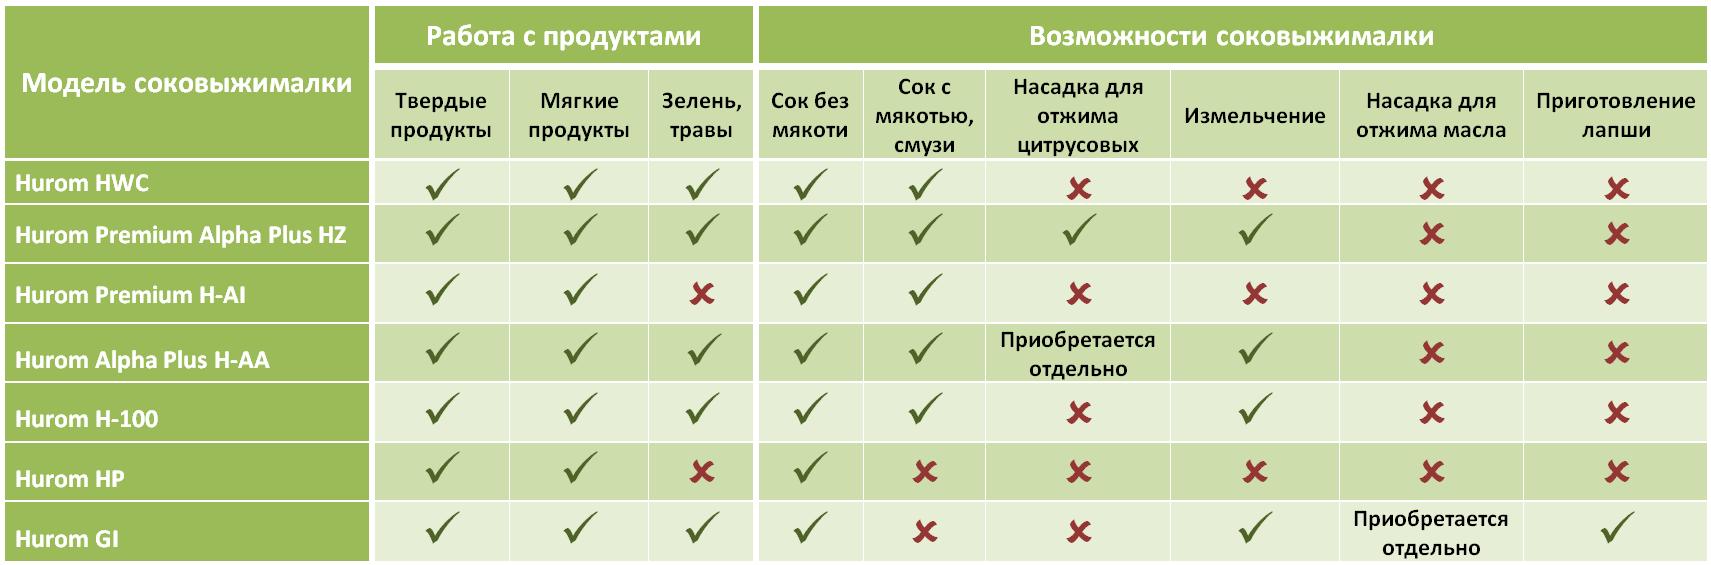 sravnitelnaya-tablica-sokovyzhimalok-hurom